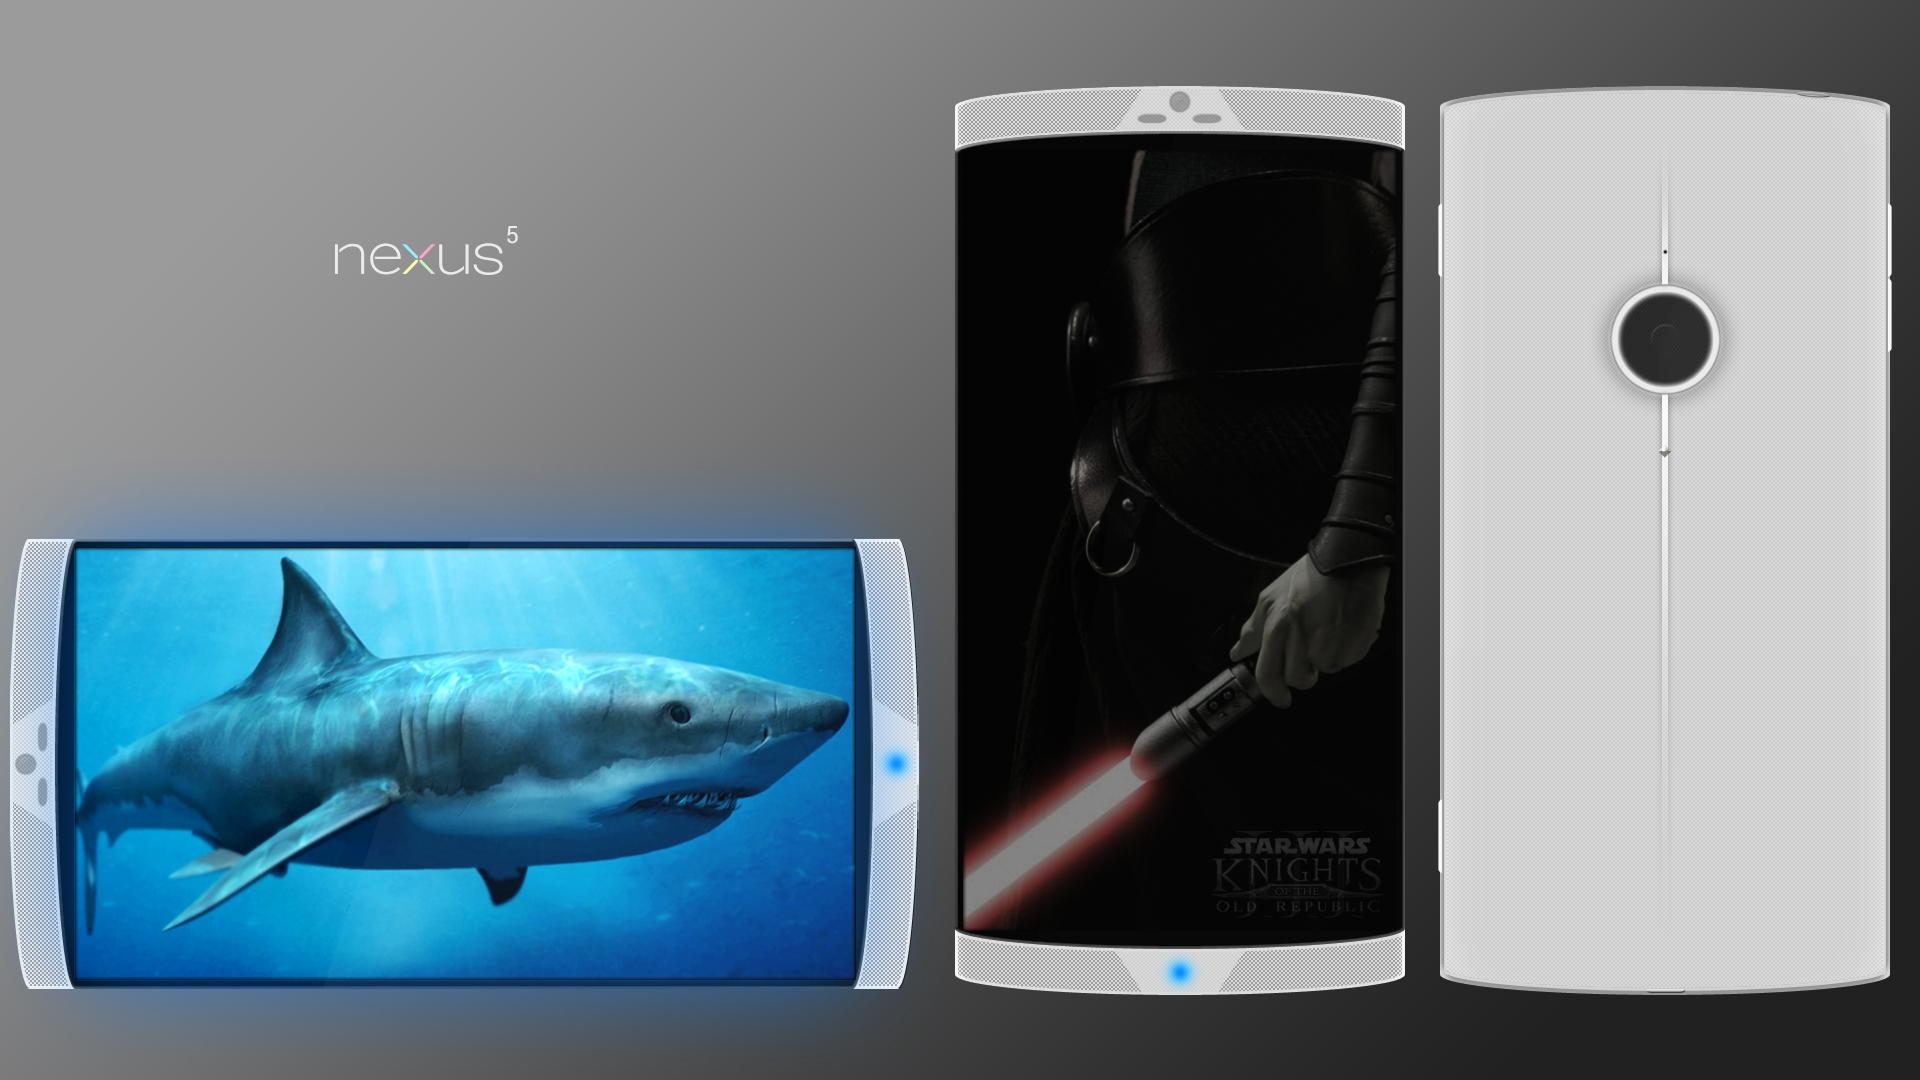 Nexus 5 - White